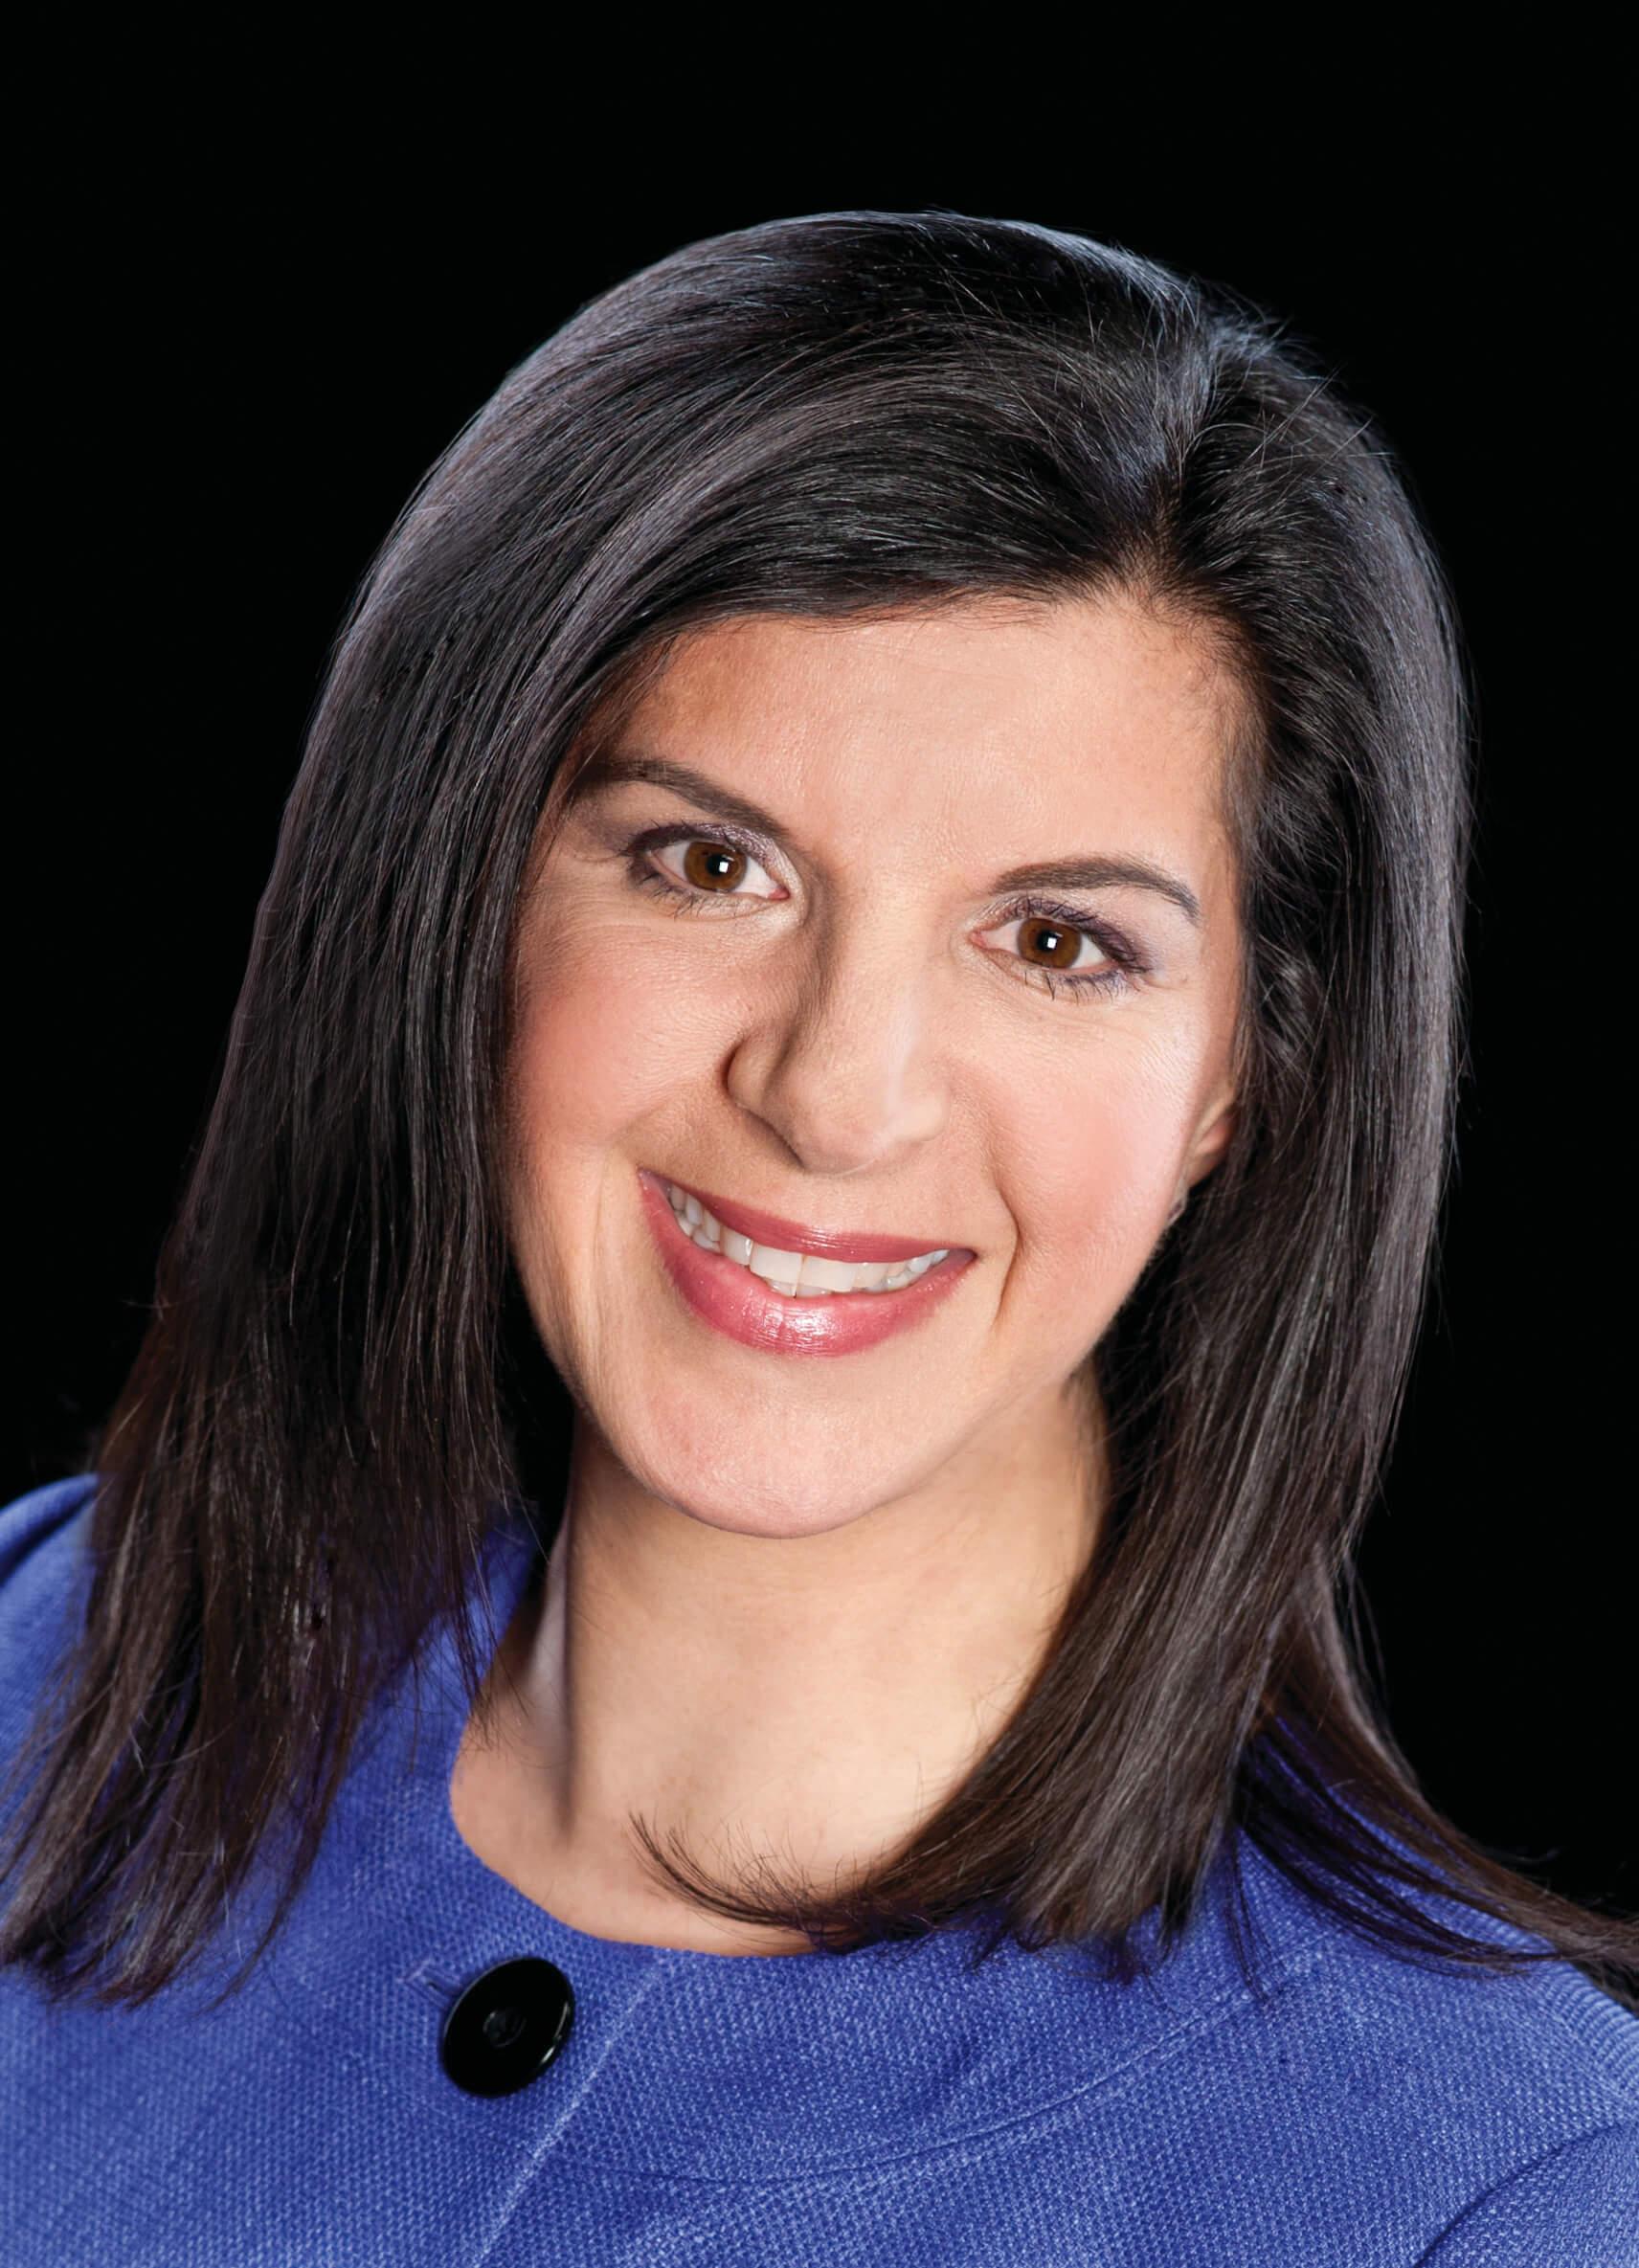 Beth Rocchio